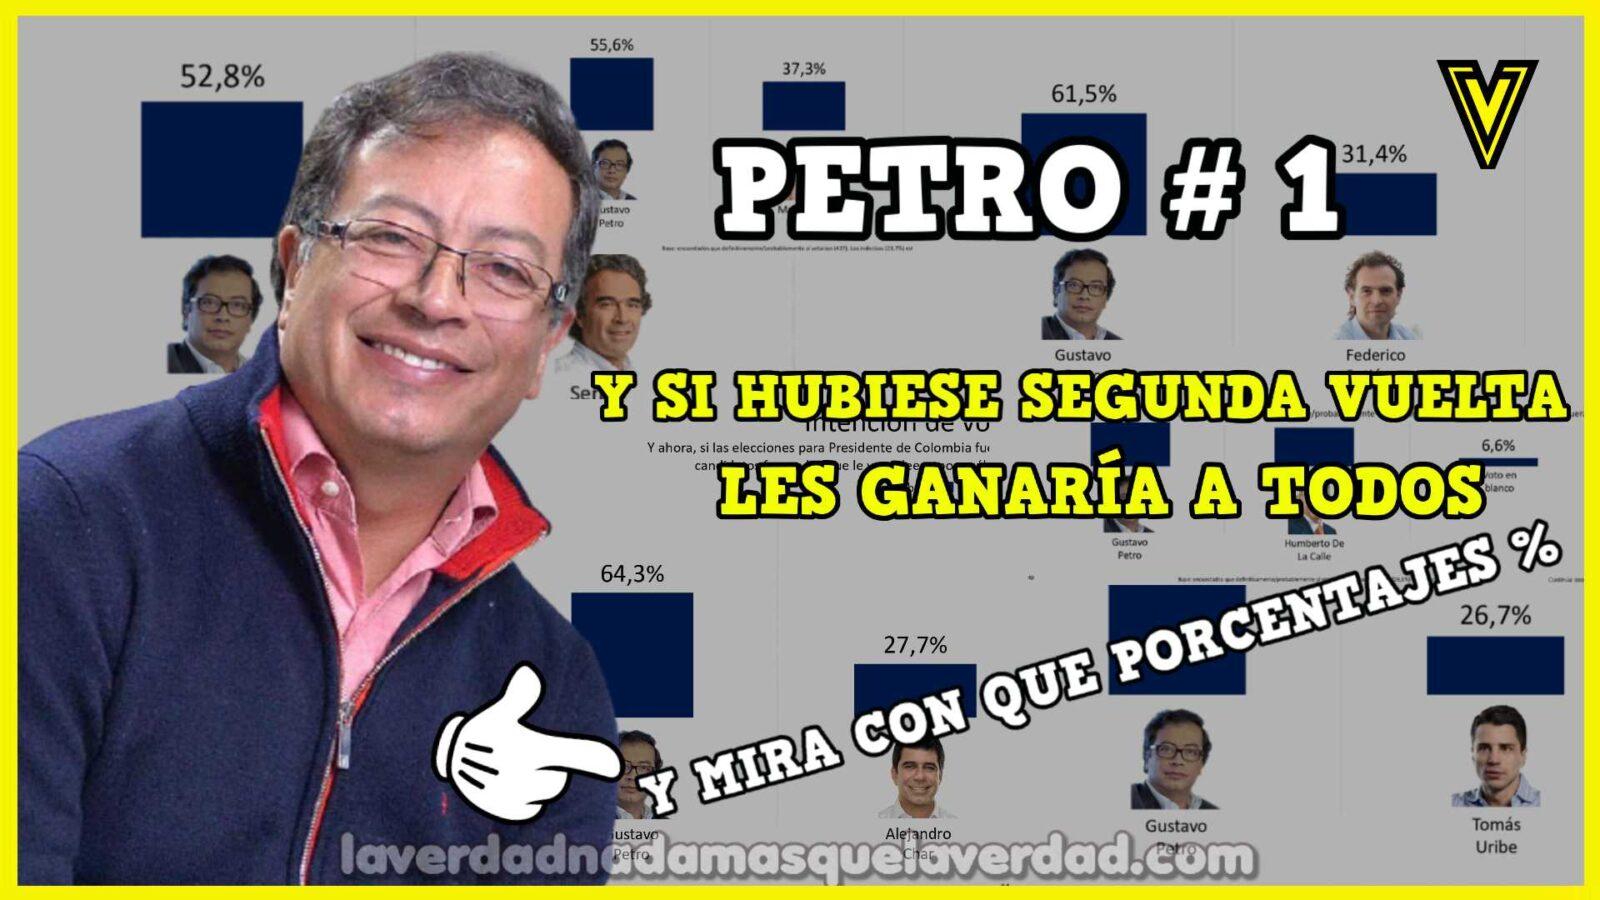 PETRO # 1 Y SI HUBIESE SEGUNDA VUELTA LES GANARÍA A TODOS